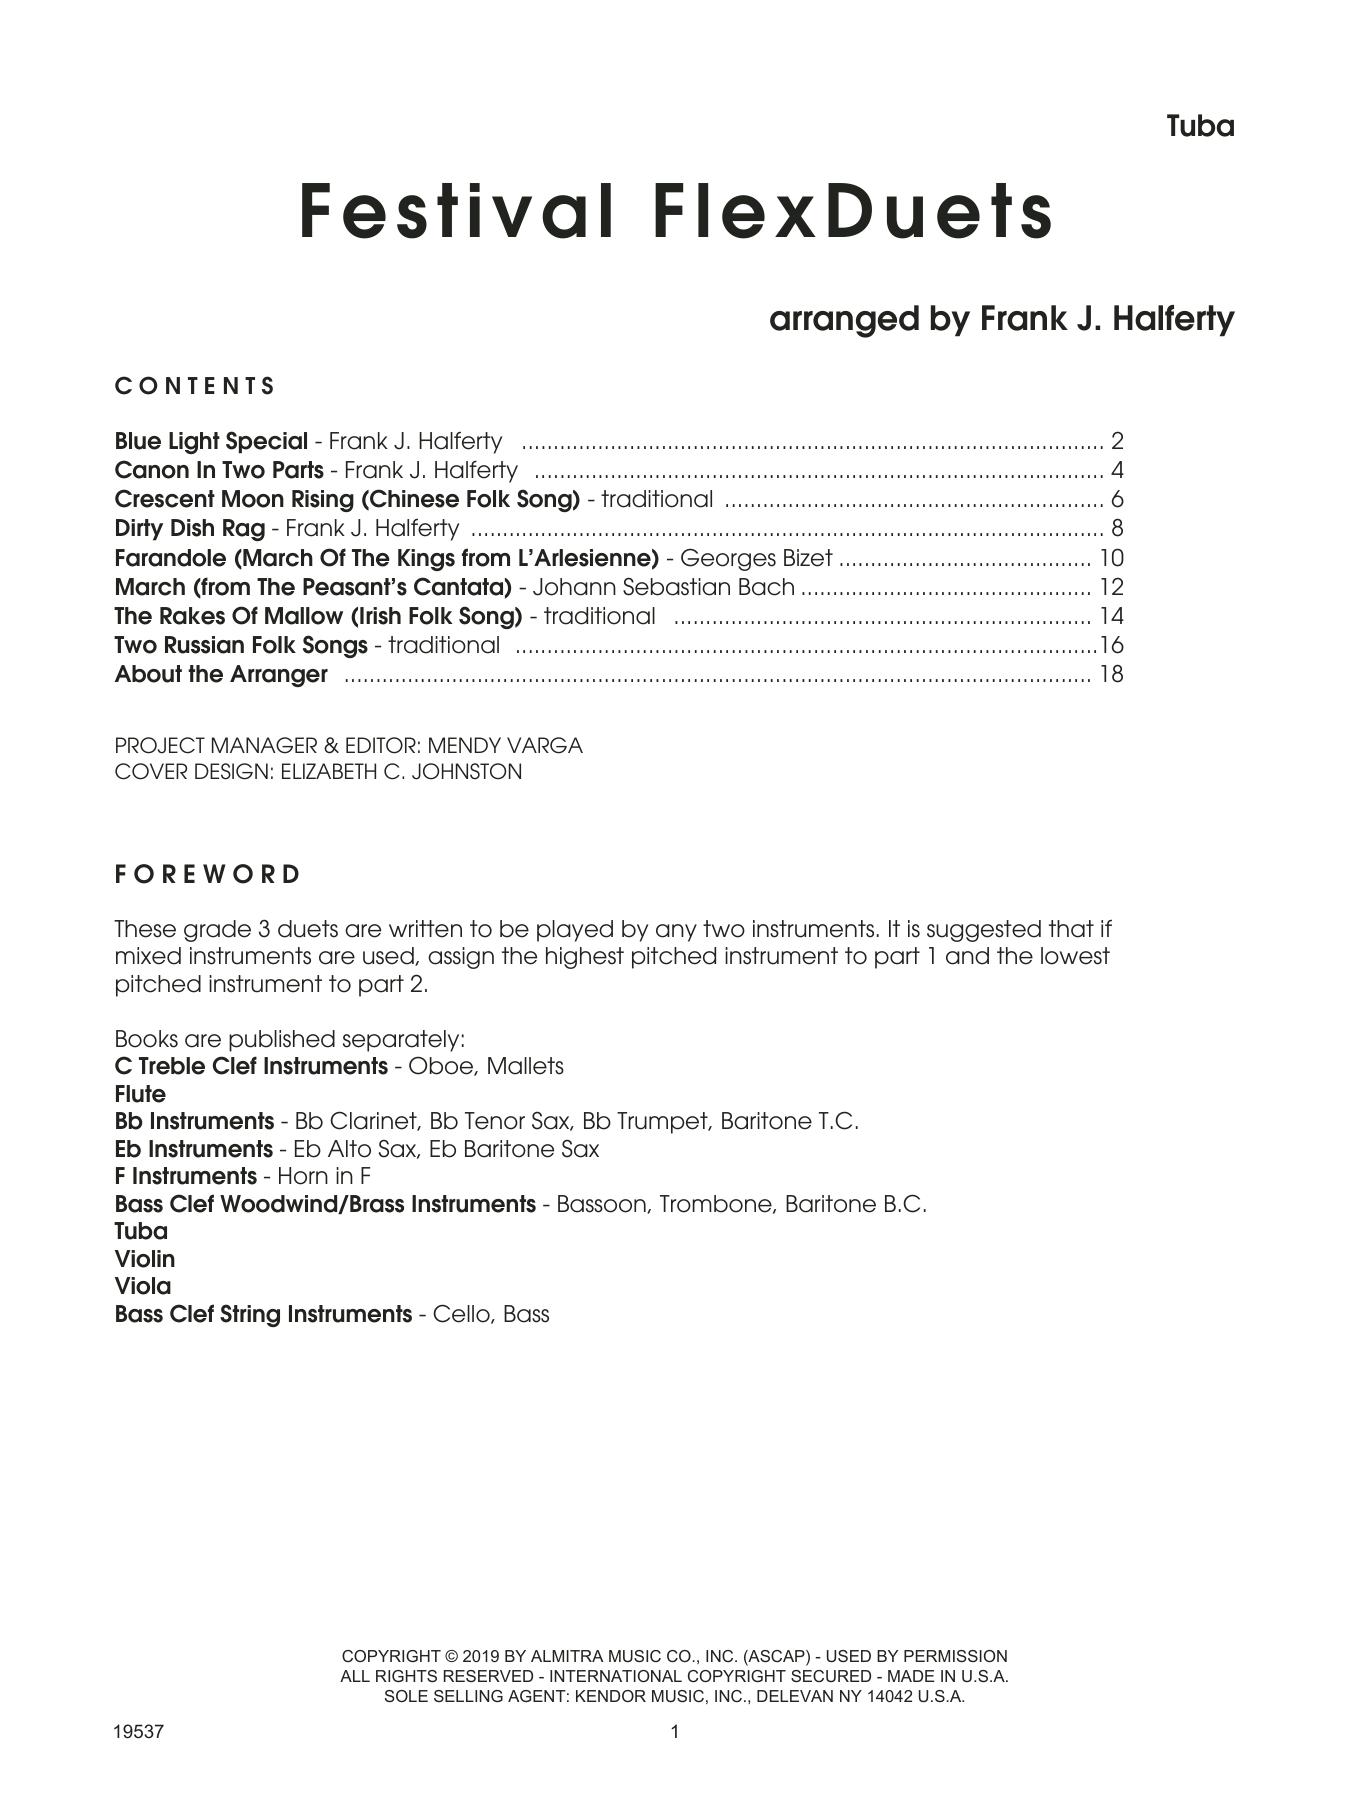 Festival FlexDuets - Tuba Sheet Music